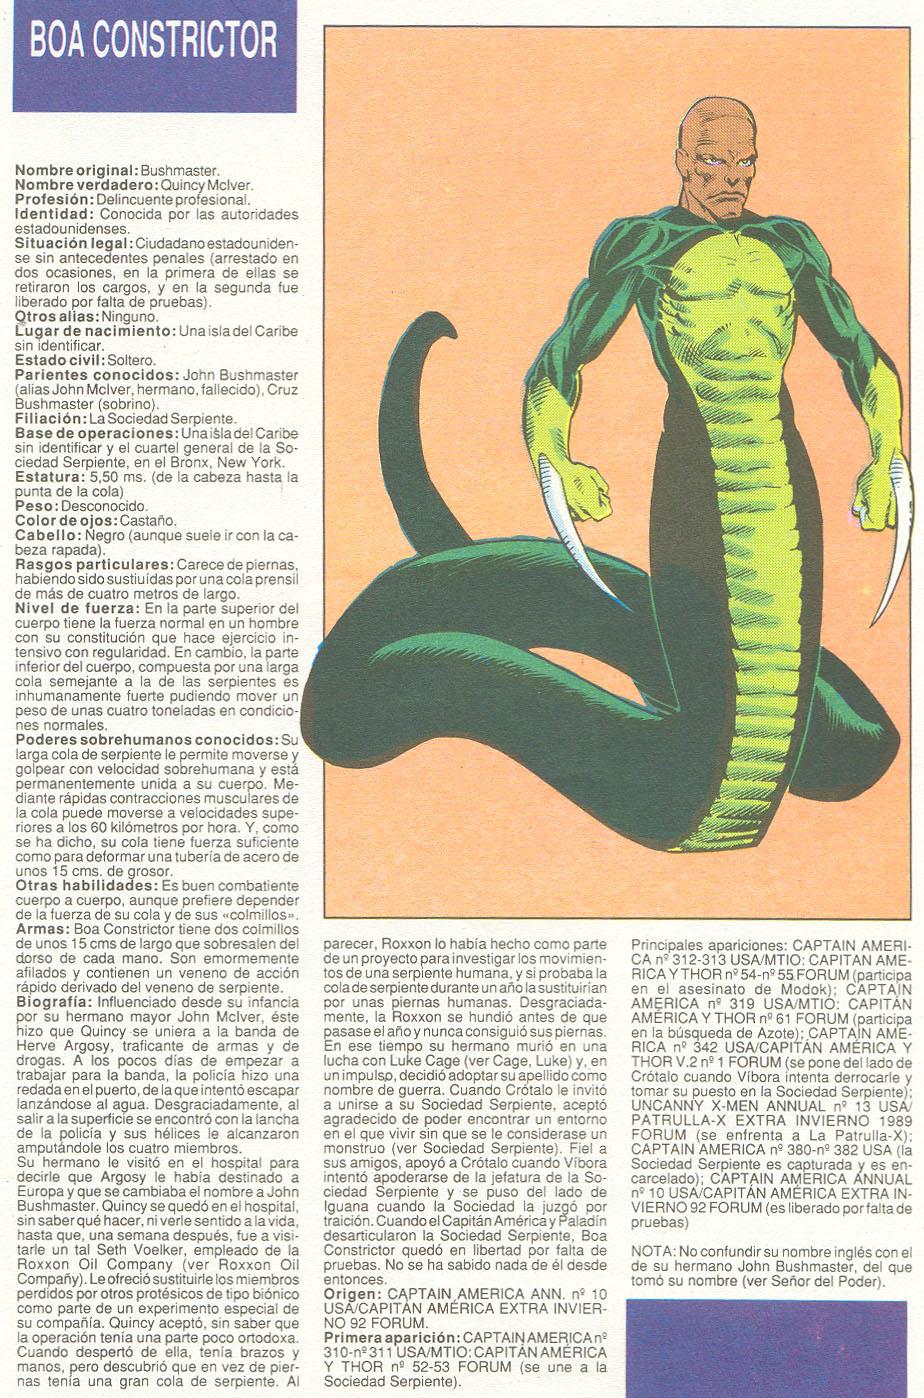 Boa Constrictor Marvel Boa Constrictor Sociedad